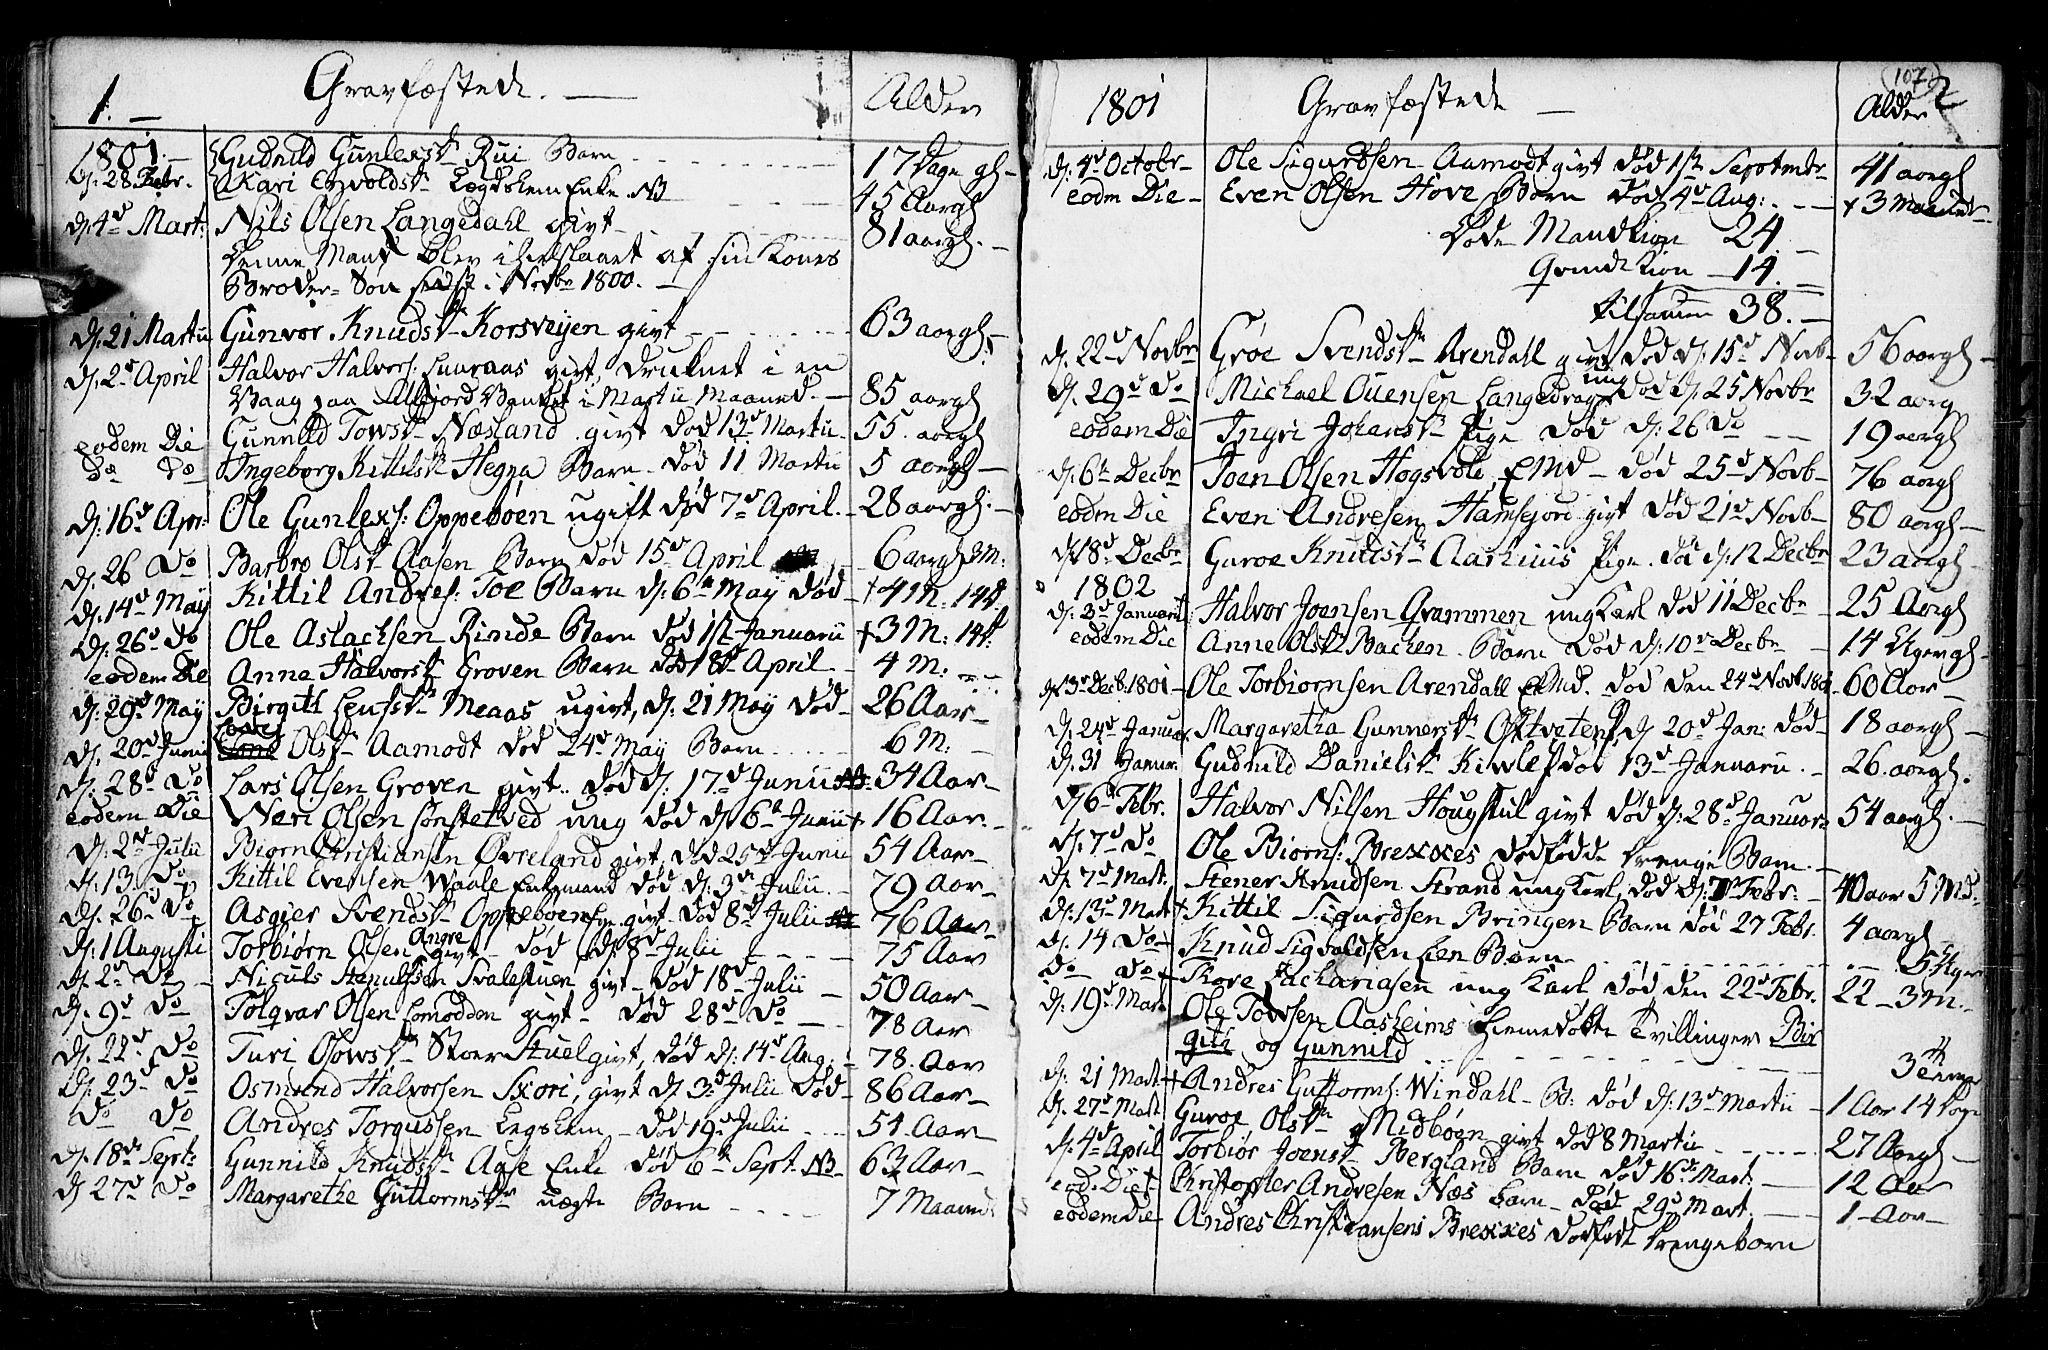 SAKO, Seljord kirkebøker, F/Fa/L0008: Ministerialbok nr. I 8, 1755-1814, s. 107